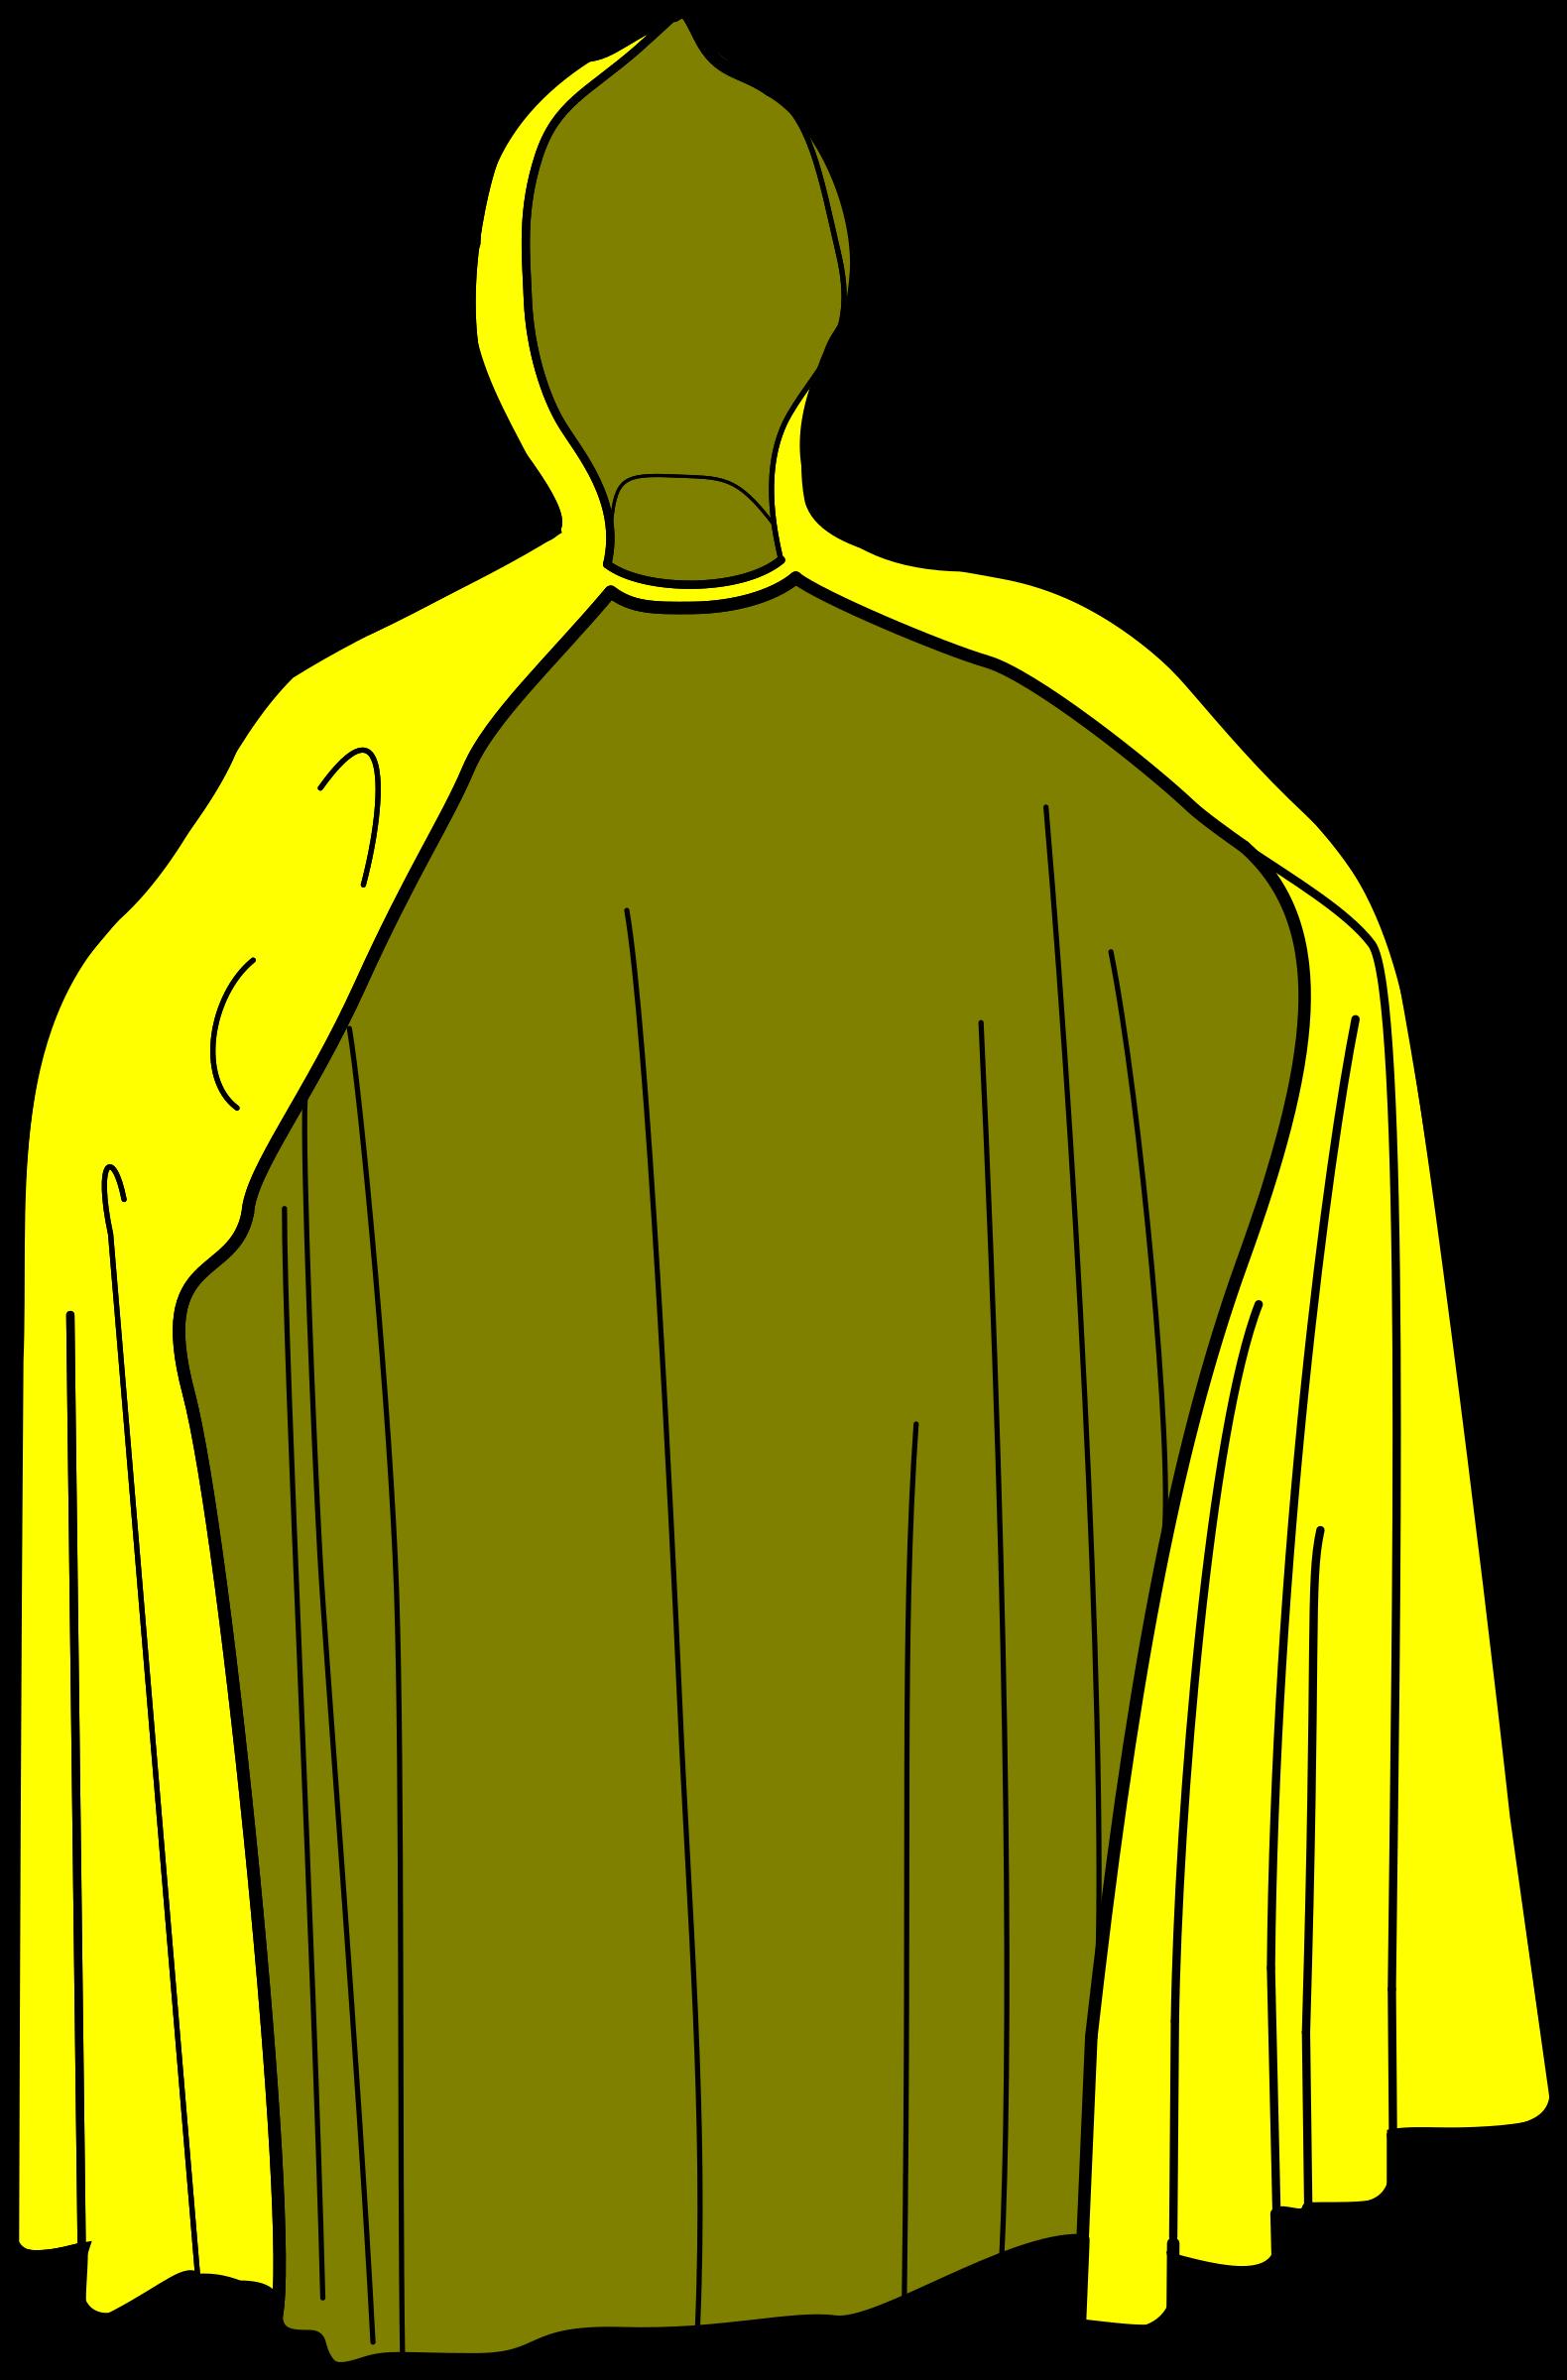 clipart rain coat